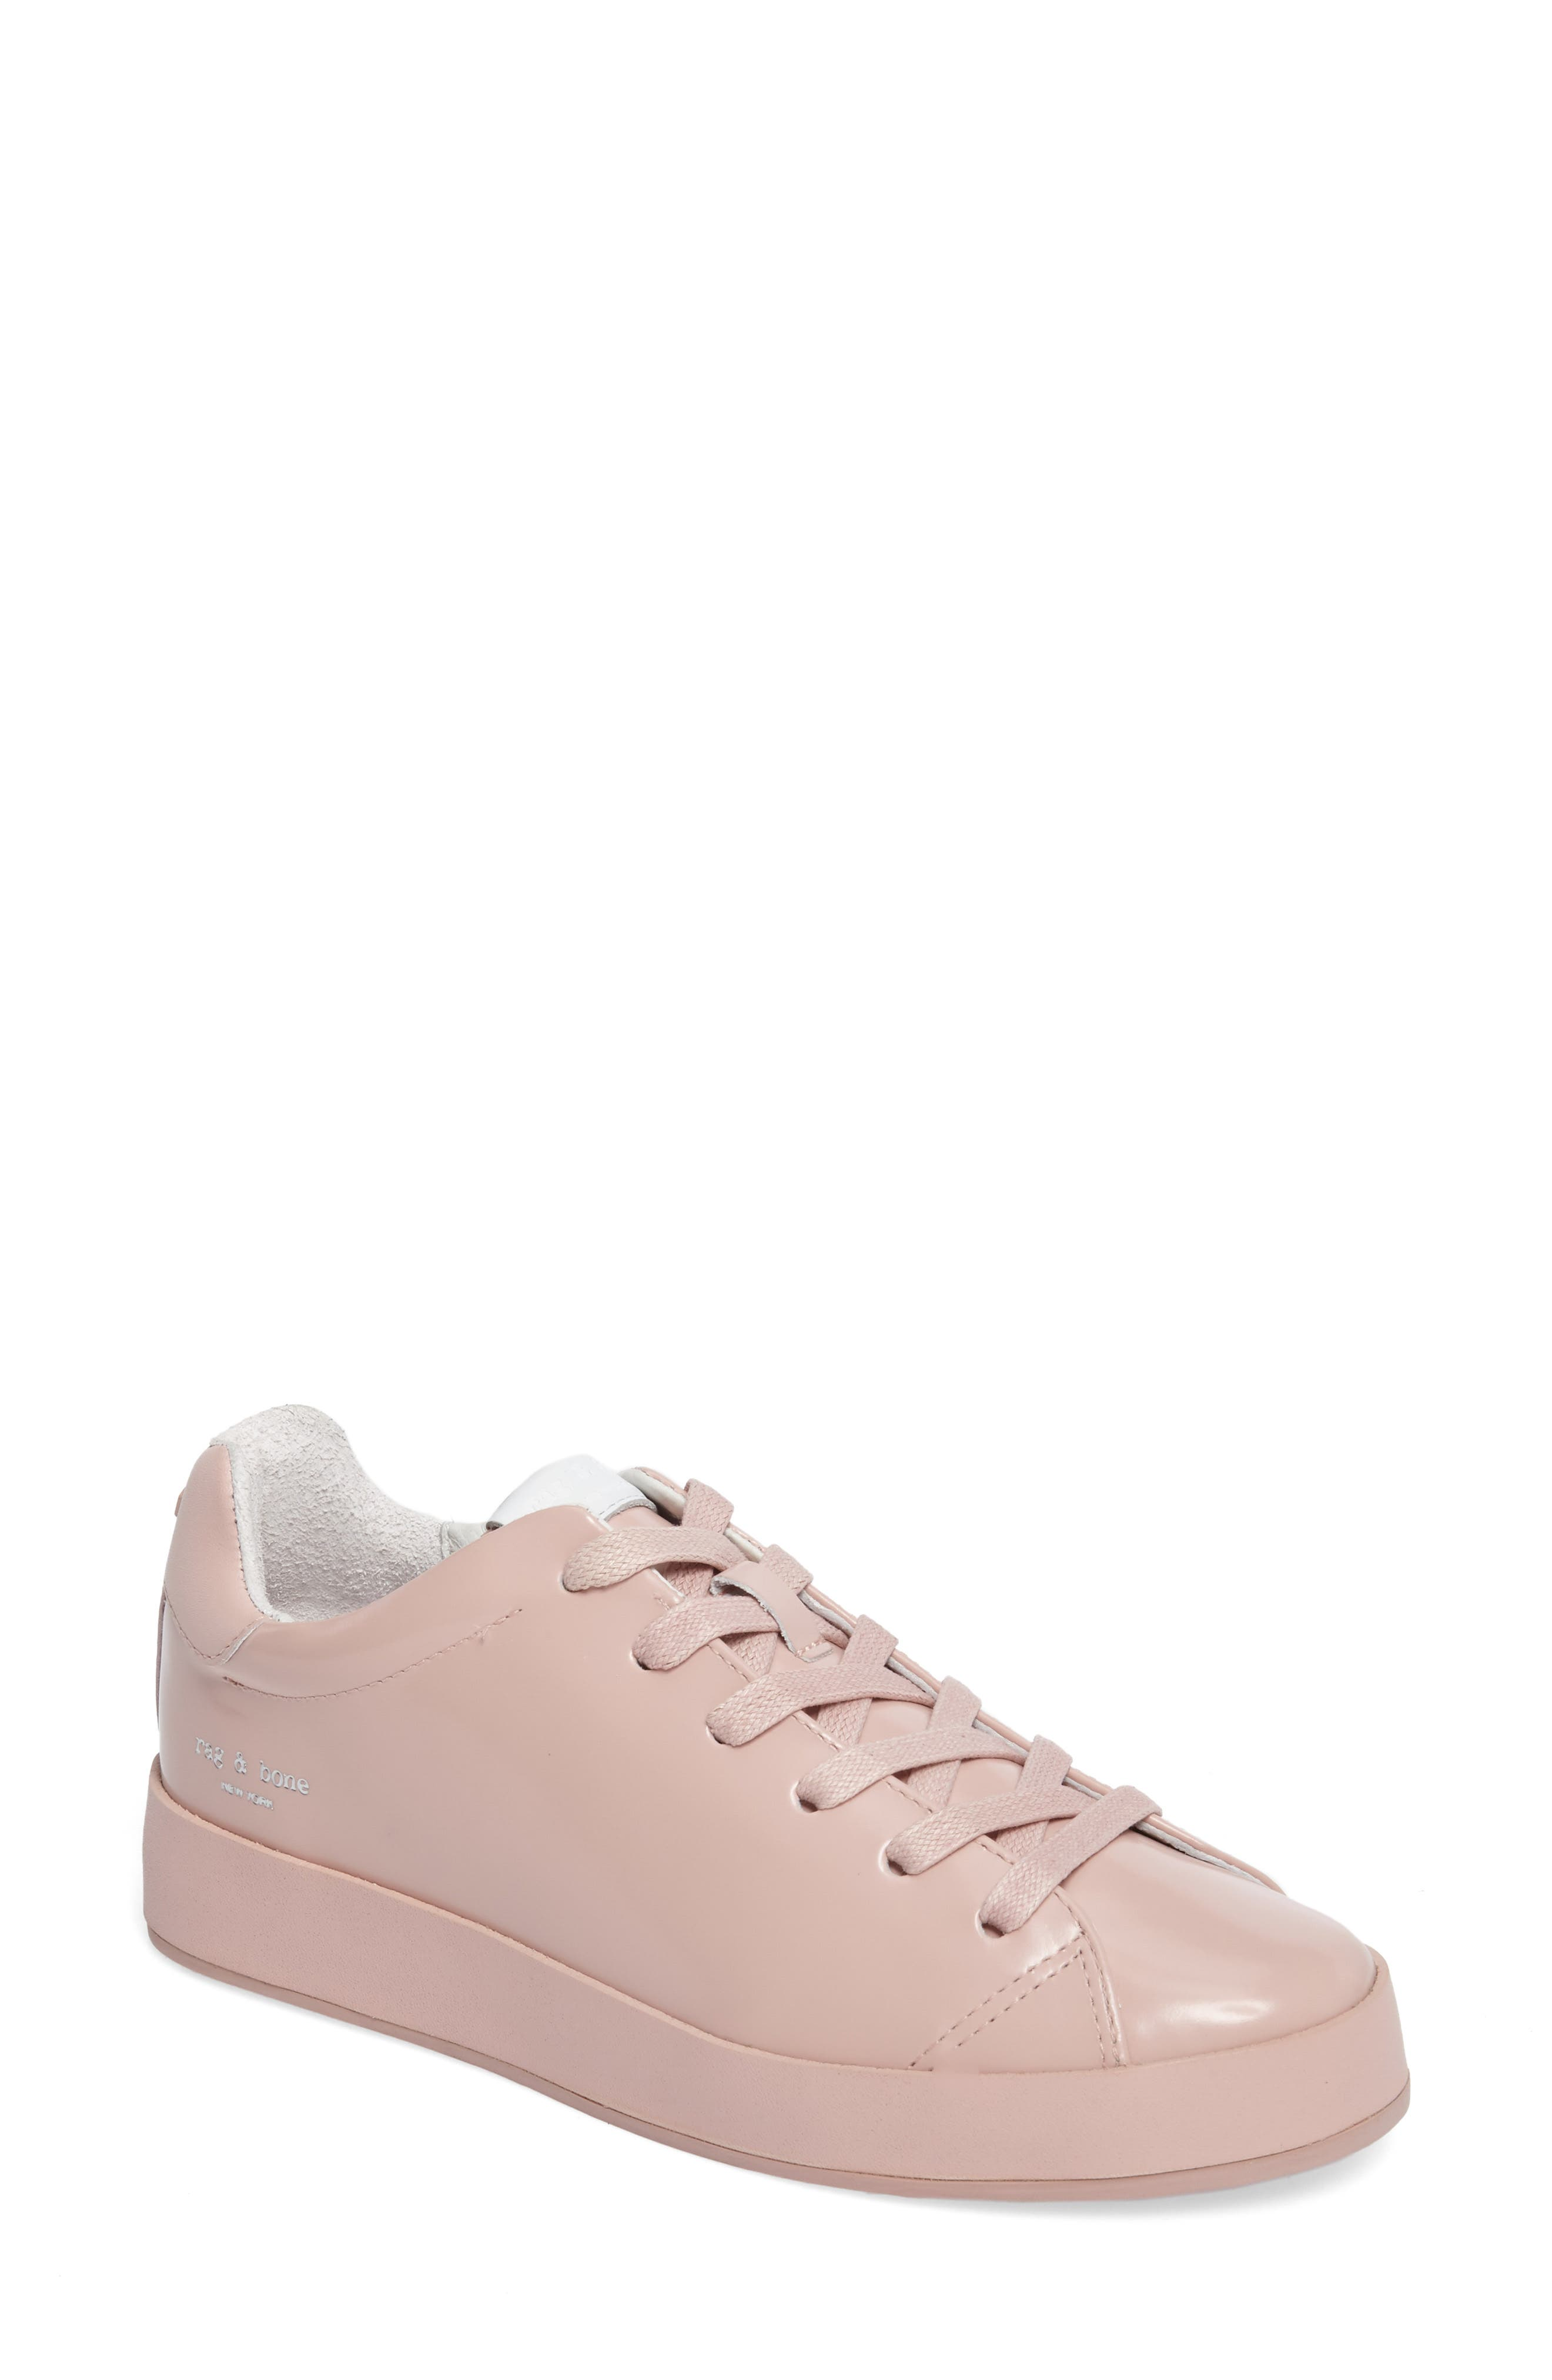 Rag \u0026 Bone | RB1 Low-Top Sneaker